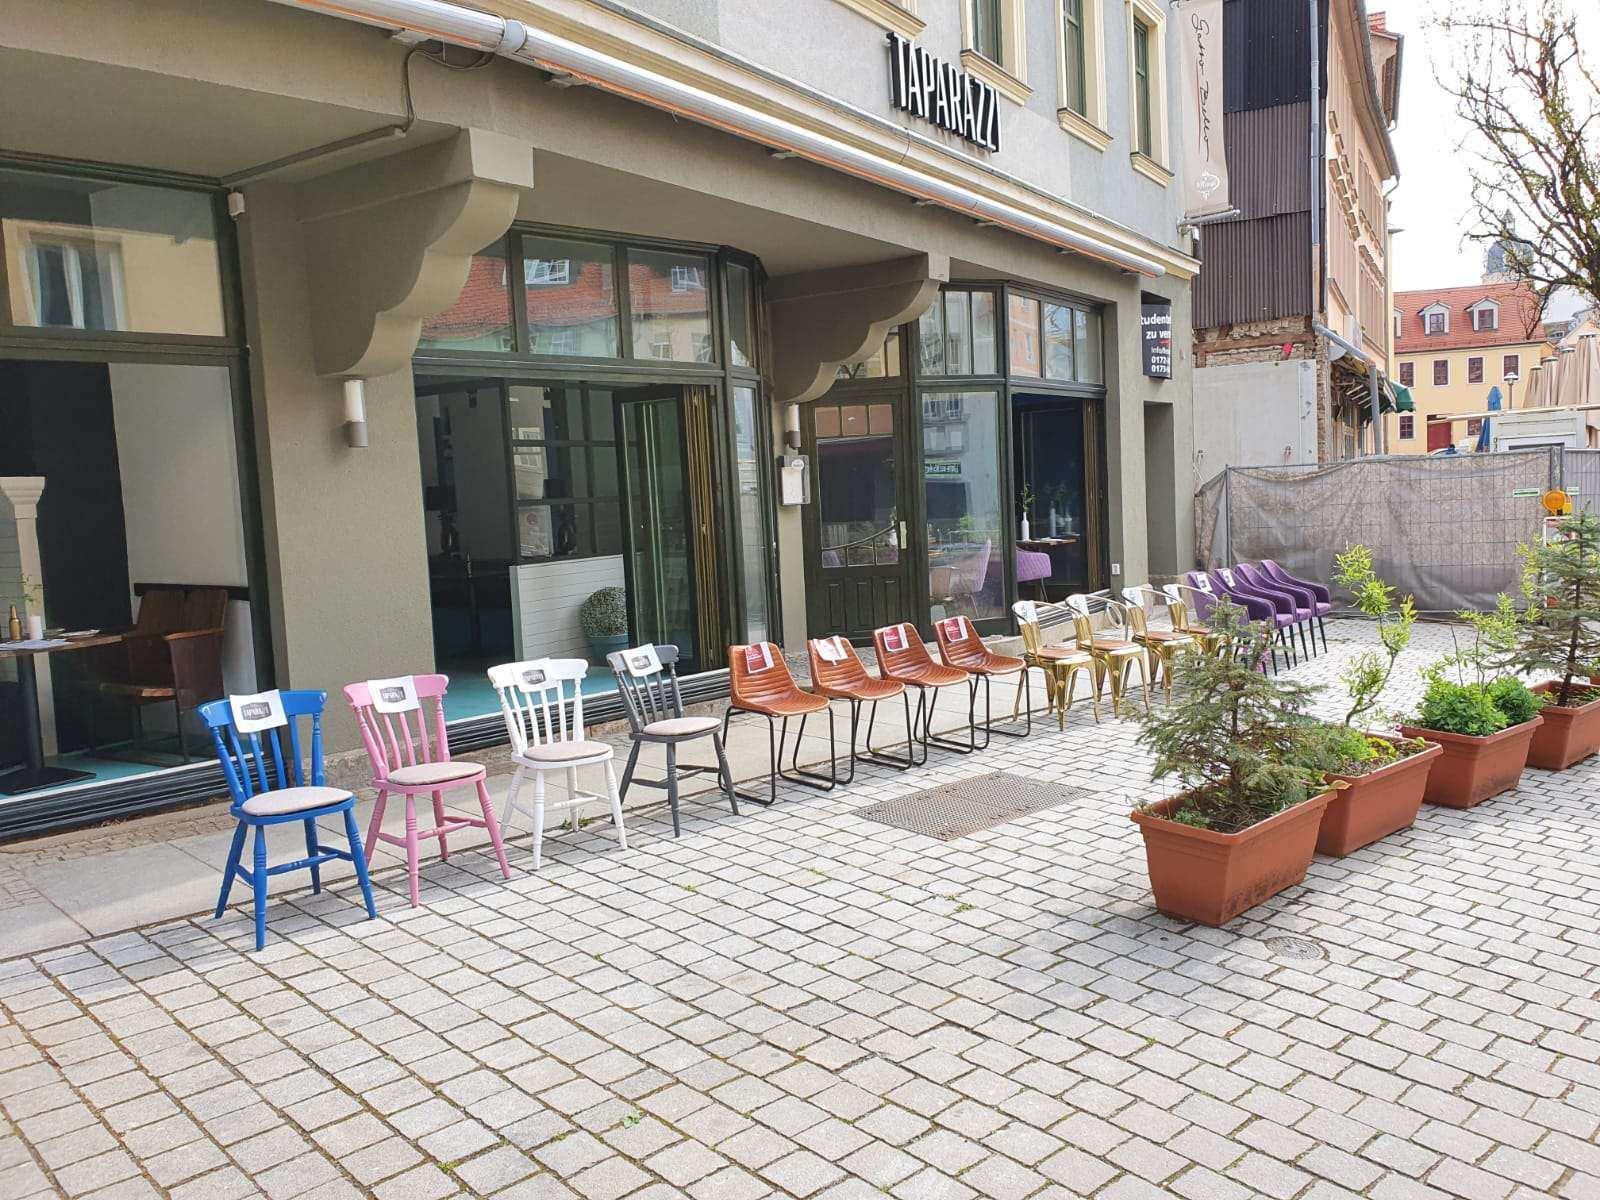 Leere Stühle Jena